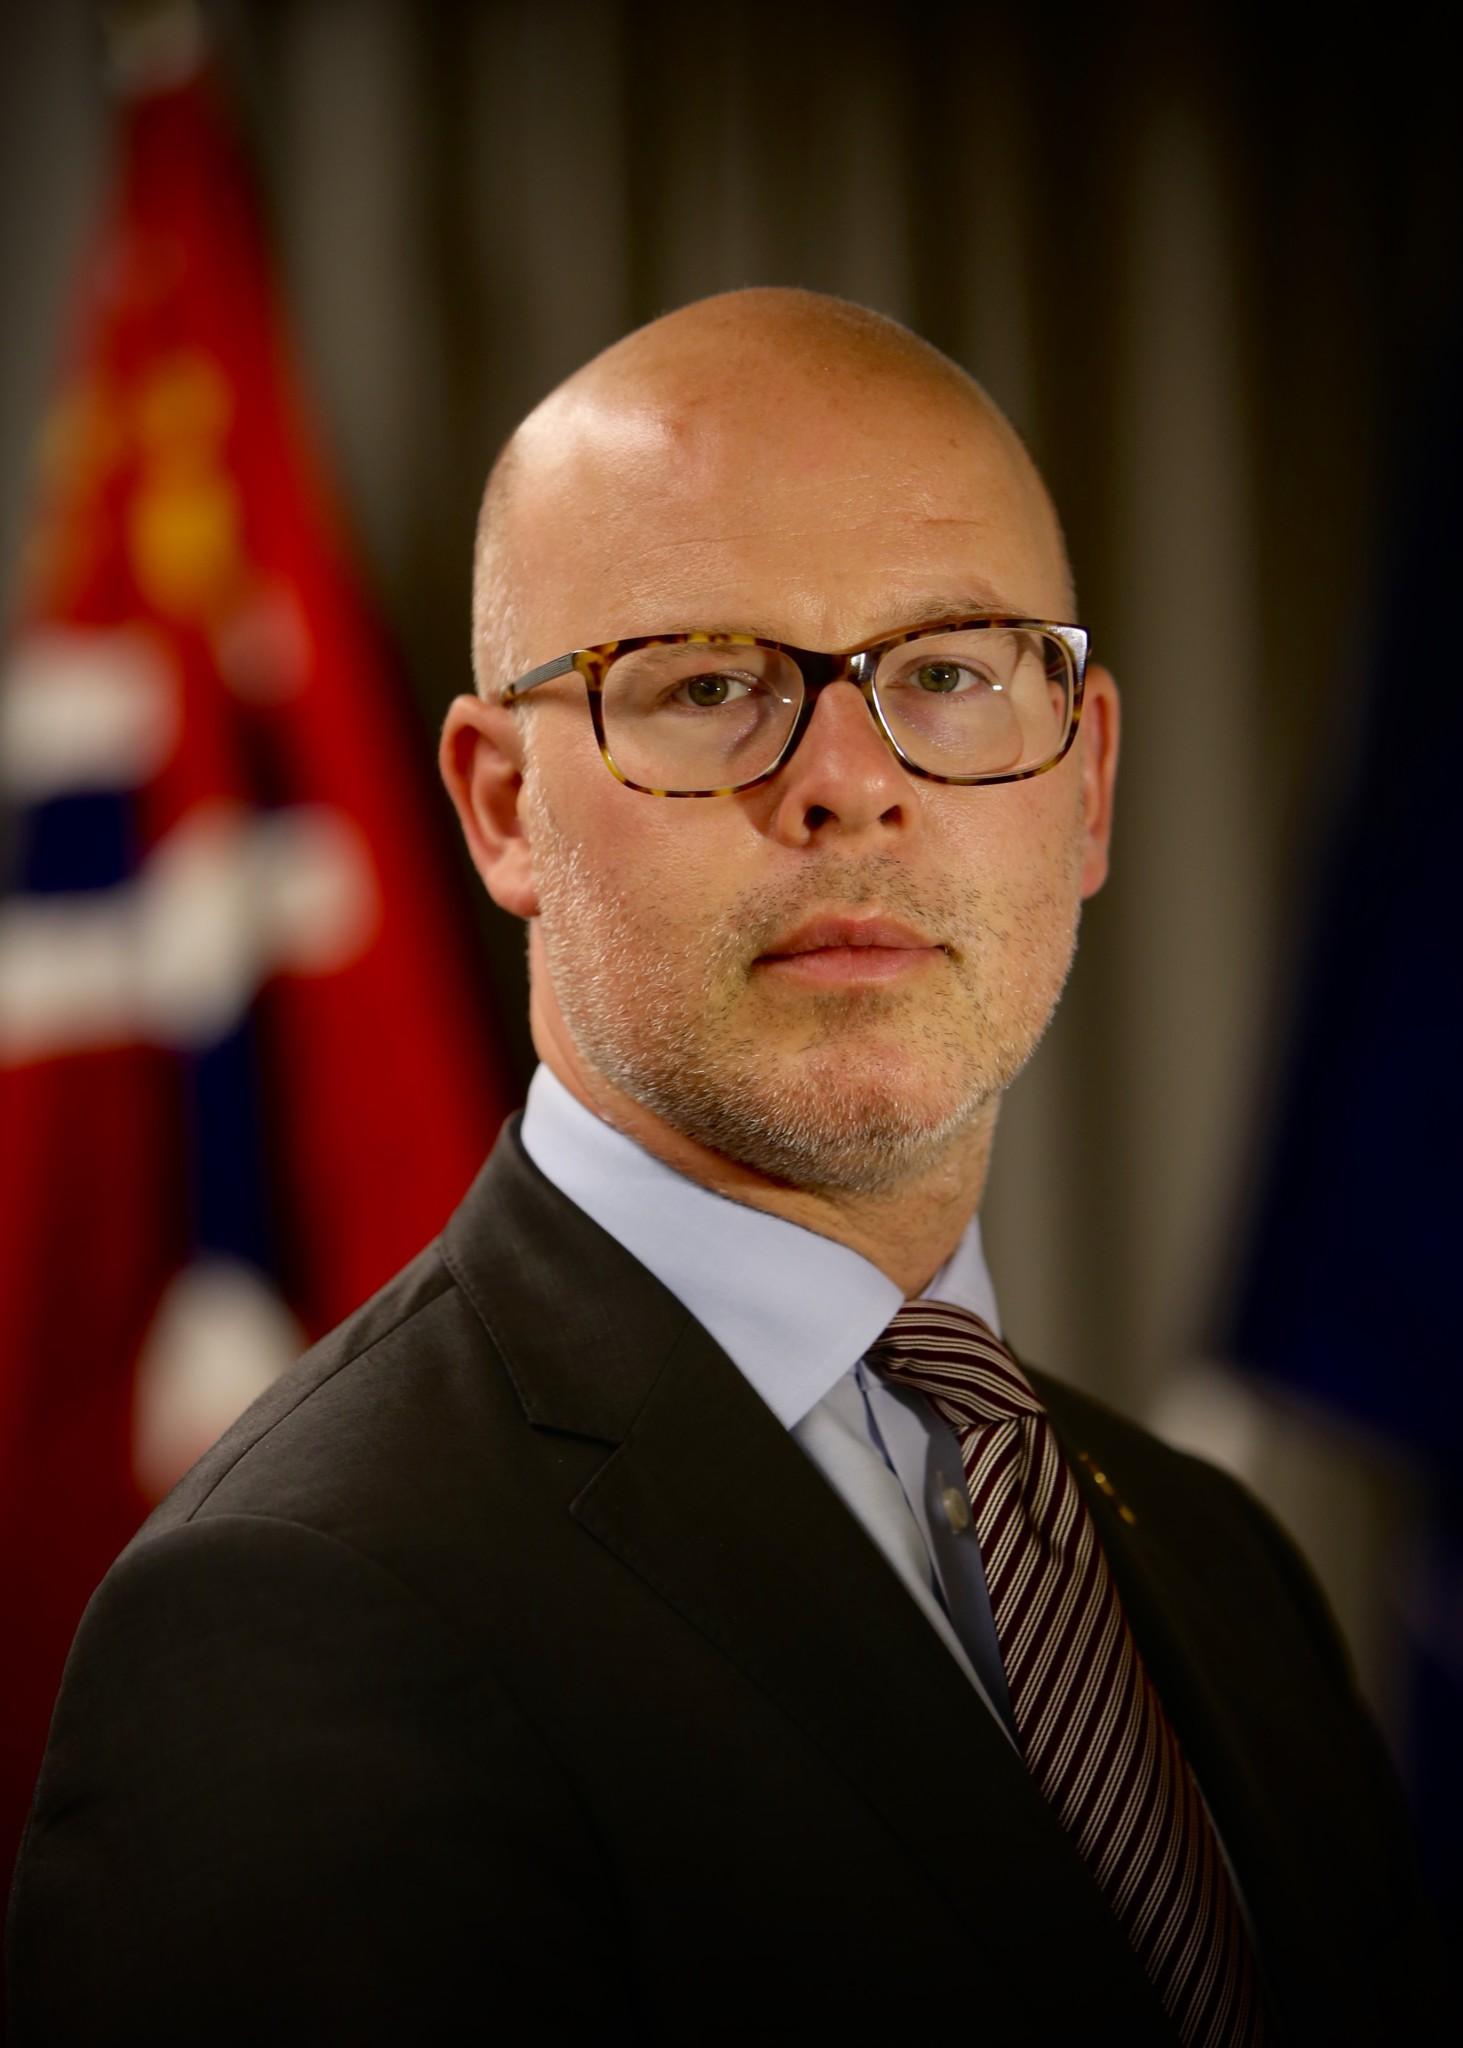 BEKREFTER: Politisk rådgiver i Forsvarsdepartementet, Audun Halvorsen (H), bekrefter at det skal kuttes 30 mrd i forsvarssektoren. Foto: ASGEIR S. BREKKE/FORSVARSDEPARTEMENTET